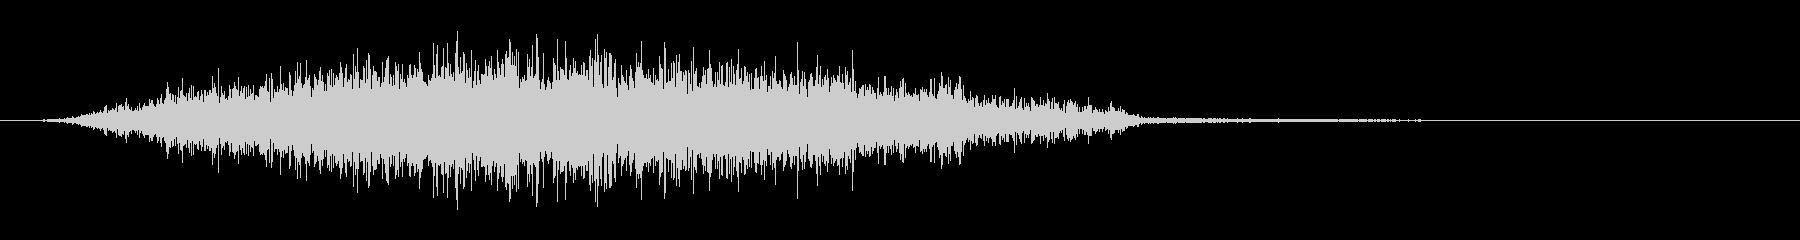 シャープピアスフーシュ5の未再生の波形